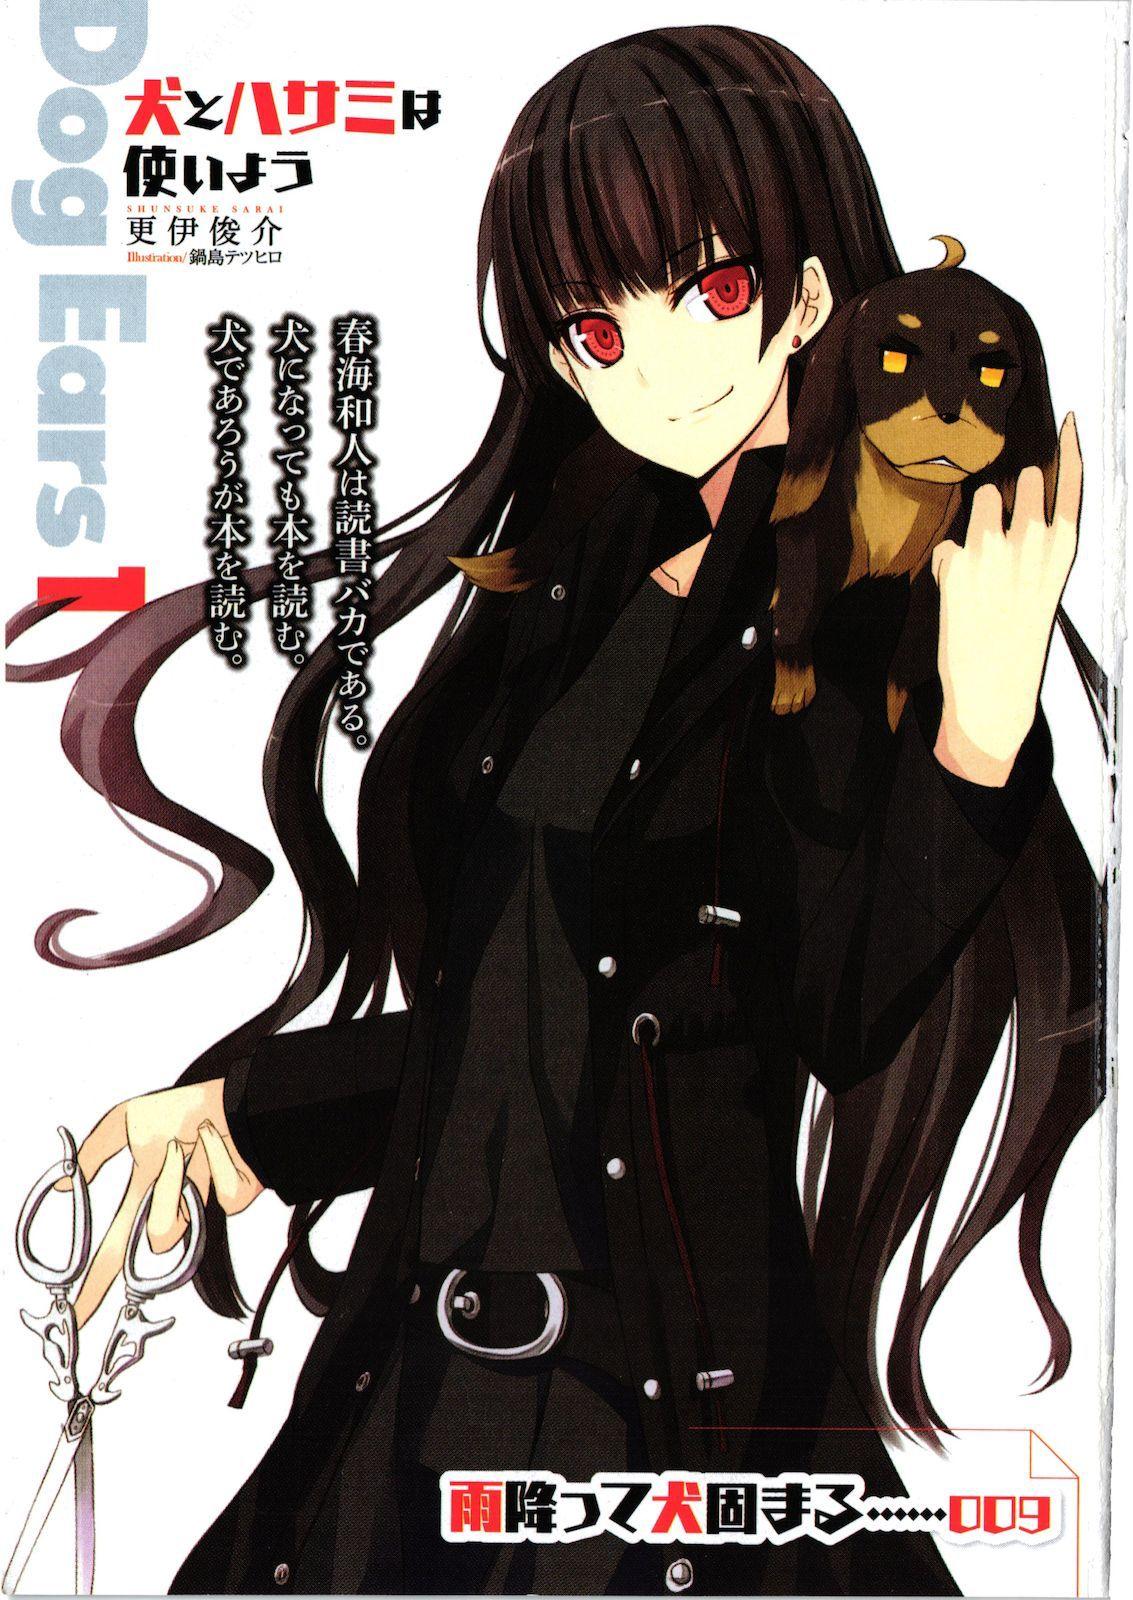 Image from http://static.zerochan.net/Inu.to.Hasami.wa.Tsukaiyou.full.1332514.jpg.